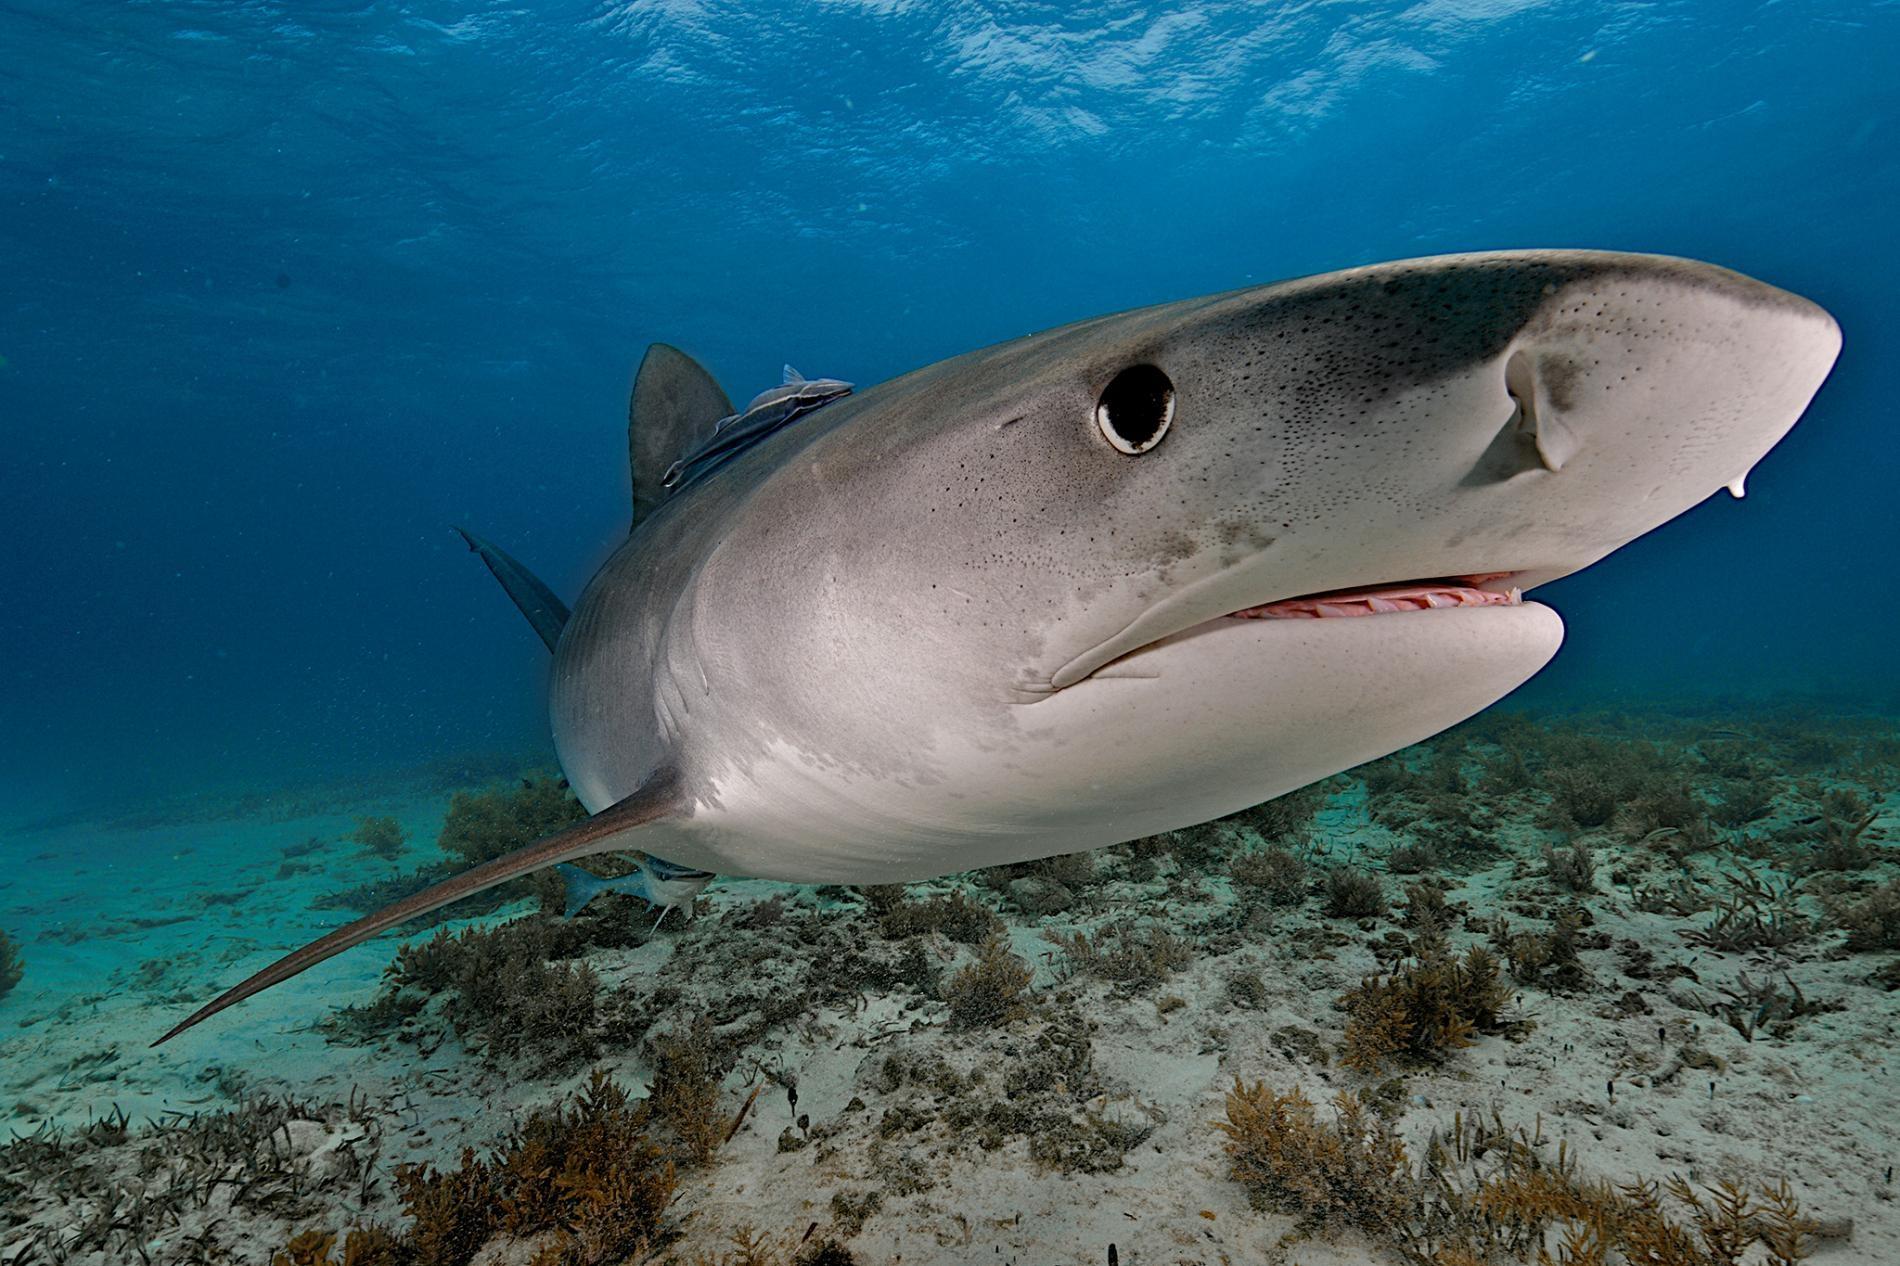 一頭鼬鯊(tiger shark)在巴哈馬外海游泳。這種掠食者也是完美無缺的食腐動物,具備絕佳的視覺與嗅覺。PHOTOGRAPH BY BRIAN J. SKERRY, NAT GEO IMAGE COLLECTION